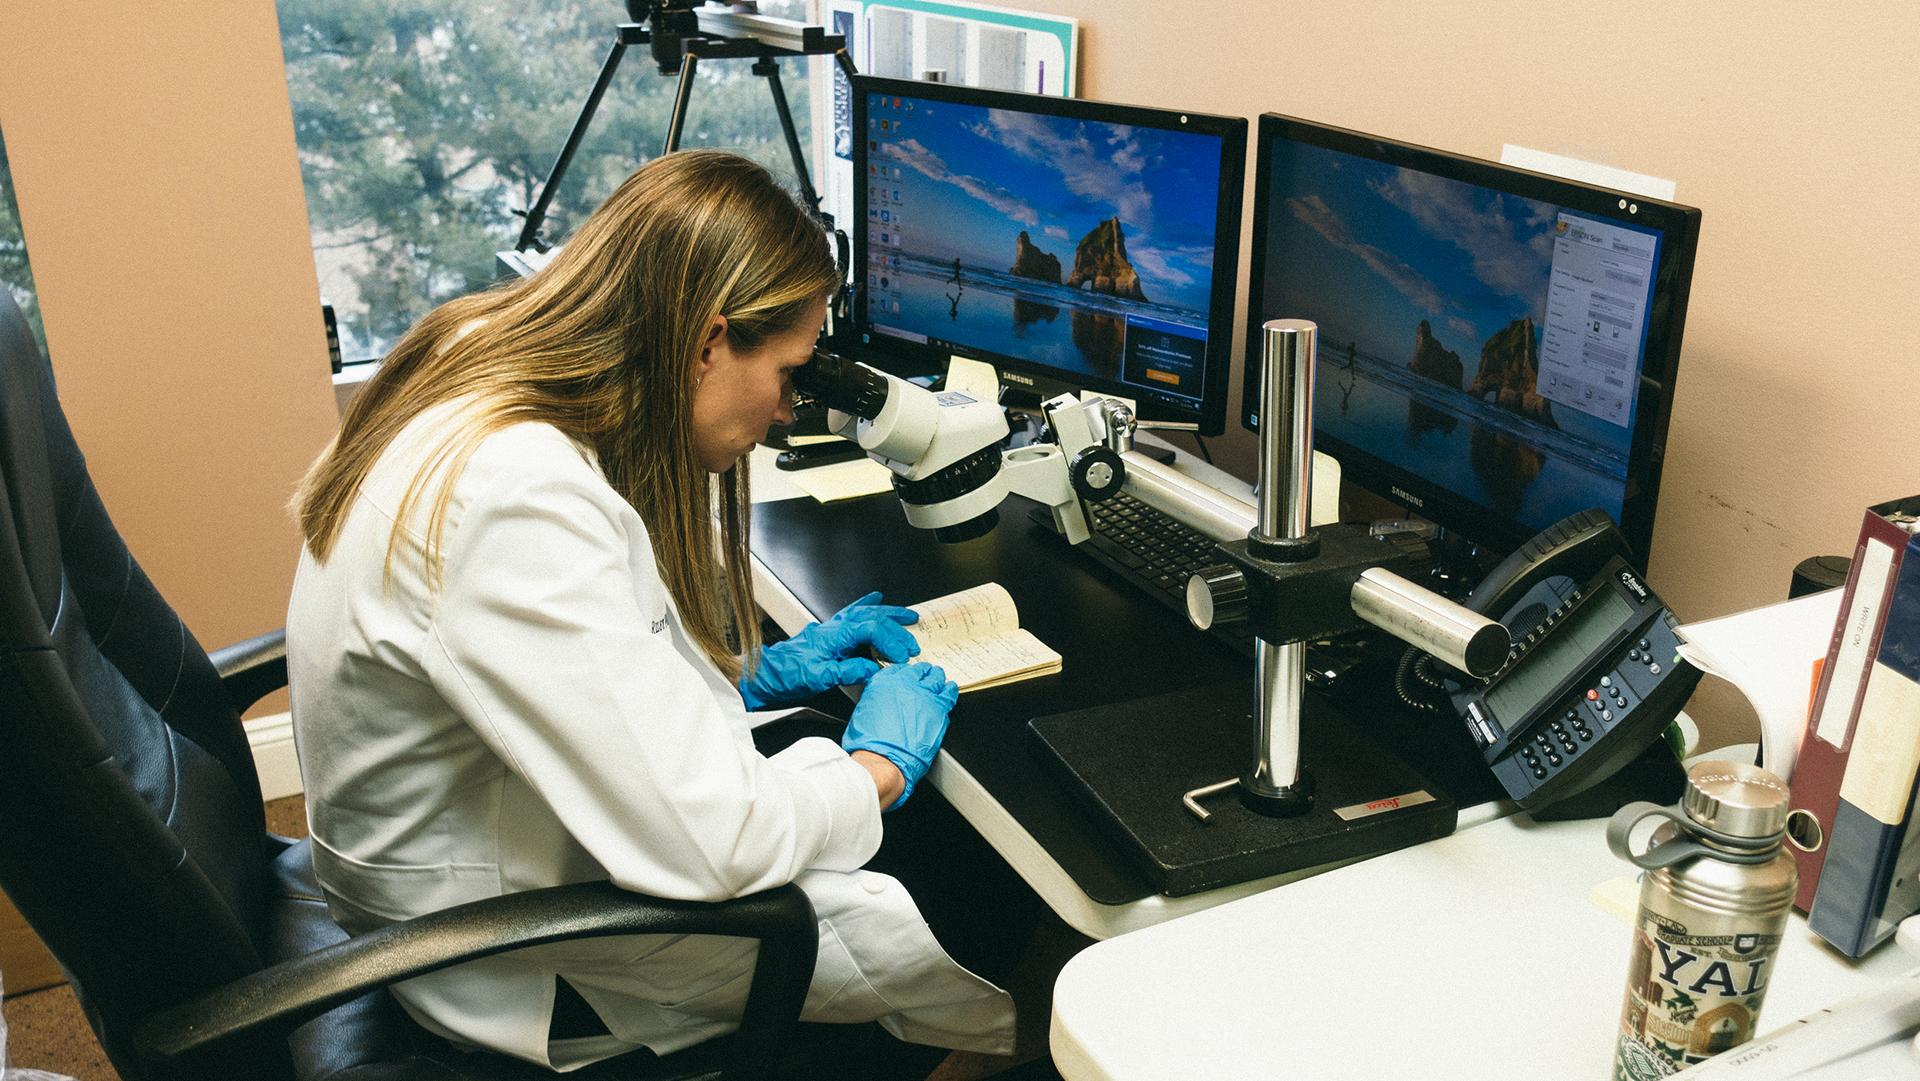 Jennifer Naso, examinatrice de documents médico-légaux, inspecte le journal du major Marcel à l'aide d'un comparateur spectral vidéo.